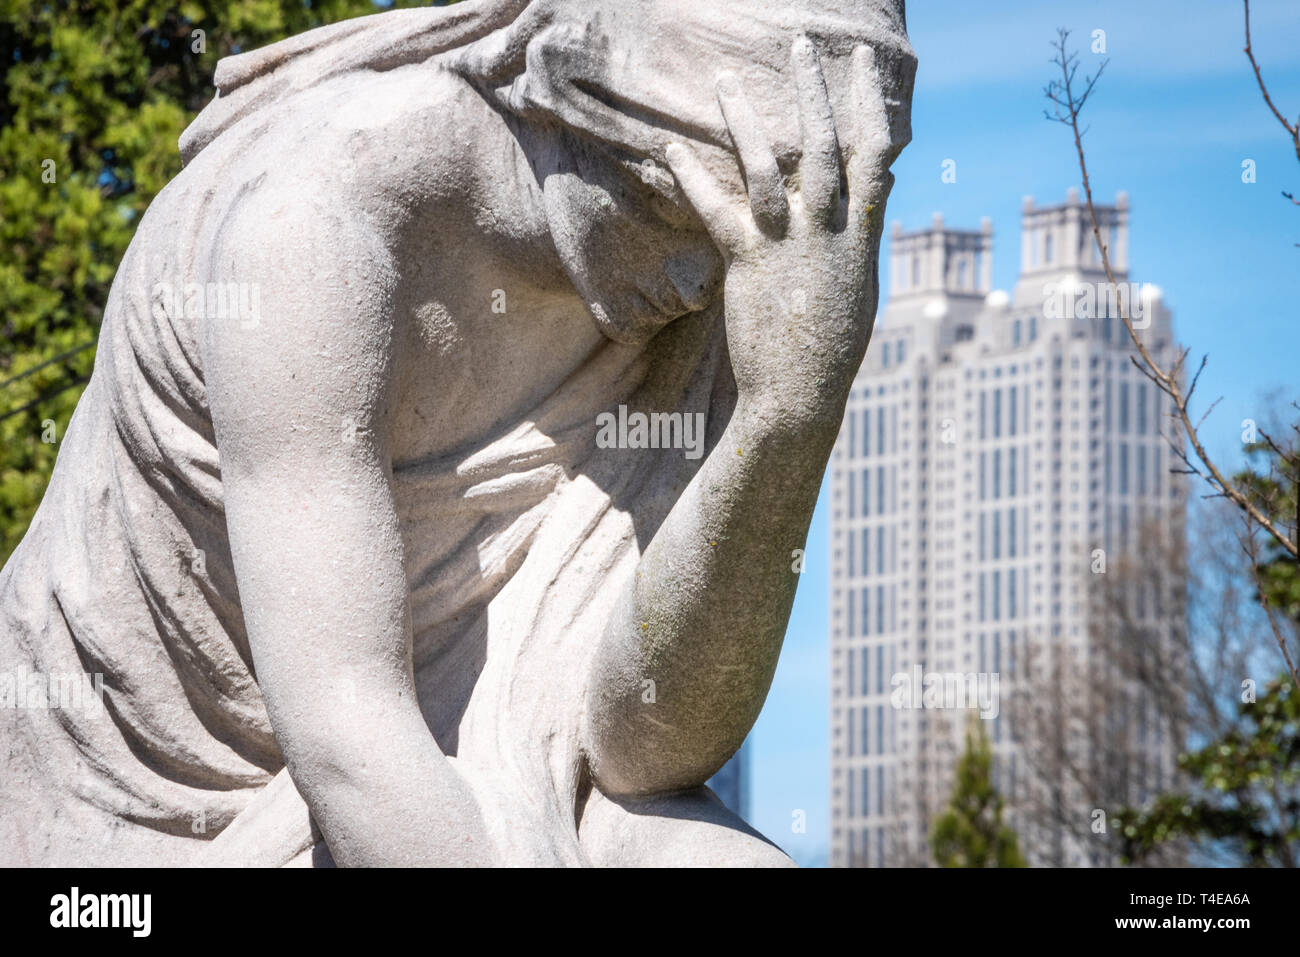 La mujer llorando estatua en el lote gris en el histórico Cementerio de Oakland con el centro de Atlanta, Georgia's 191 Peachtree torre en el fondo. (Ee.Uu.) Imagen De Stock